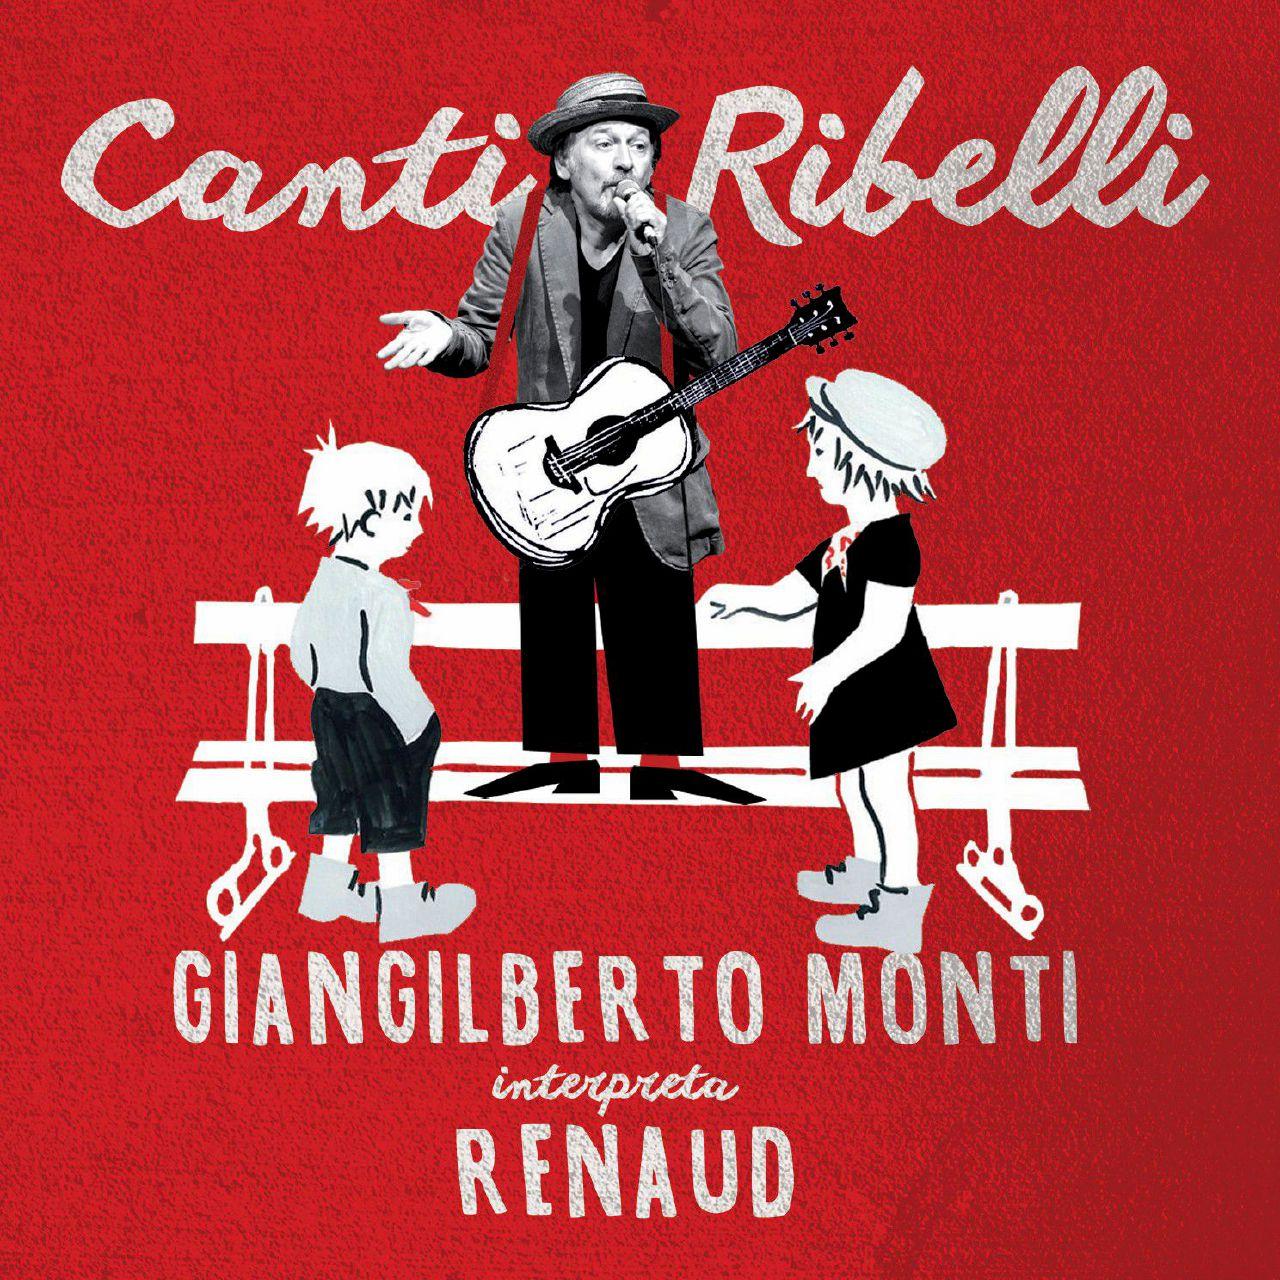 La graffiante periferia di Renaud suonata da Monti